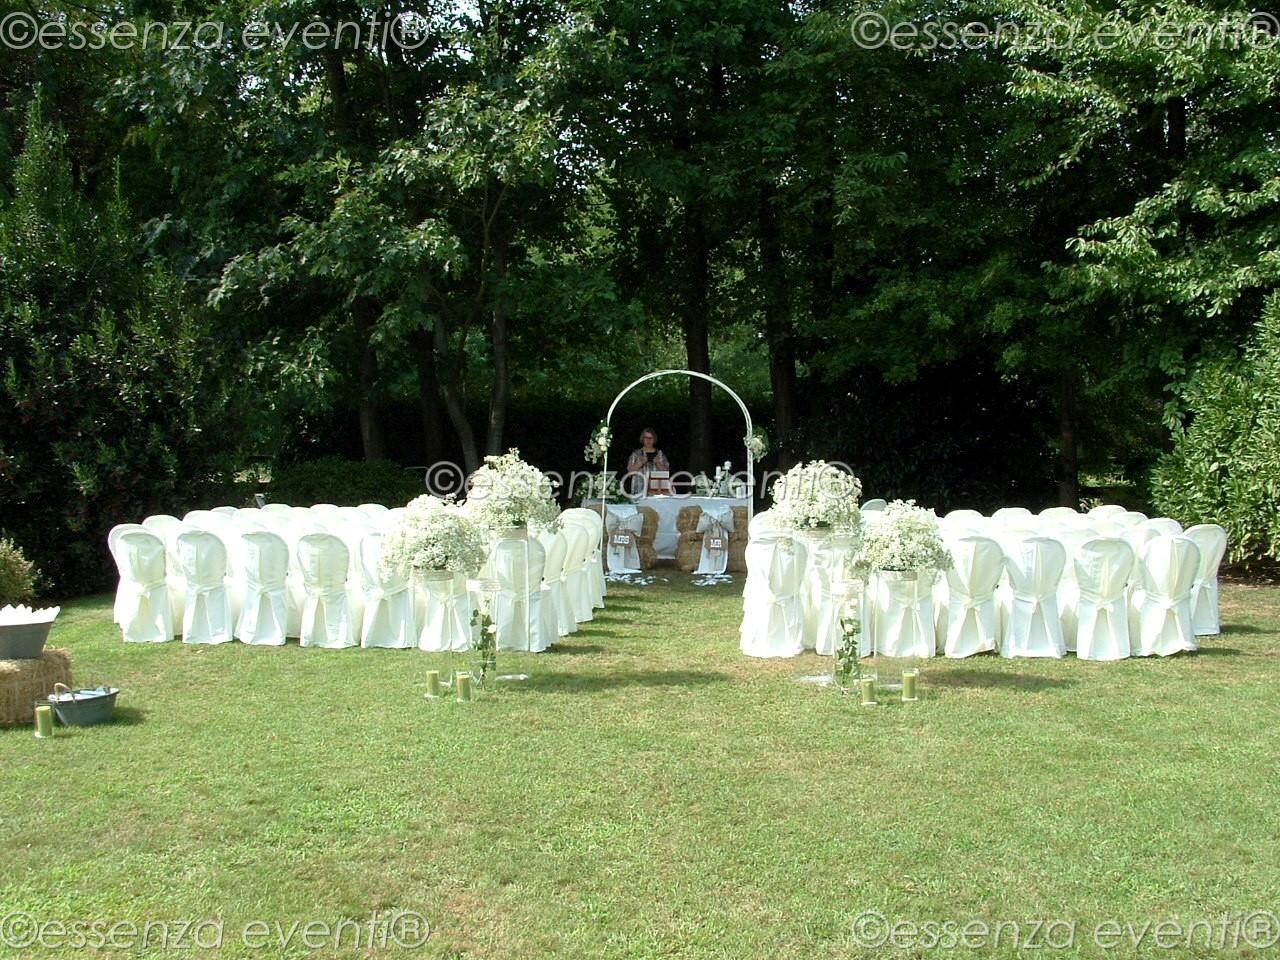 Matrimonio Simbolico Bologna : Matrimonio simbolico essenza eventi